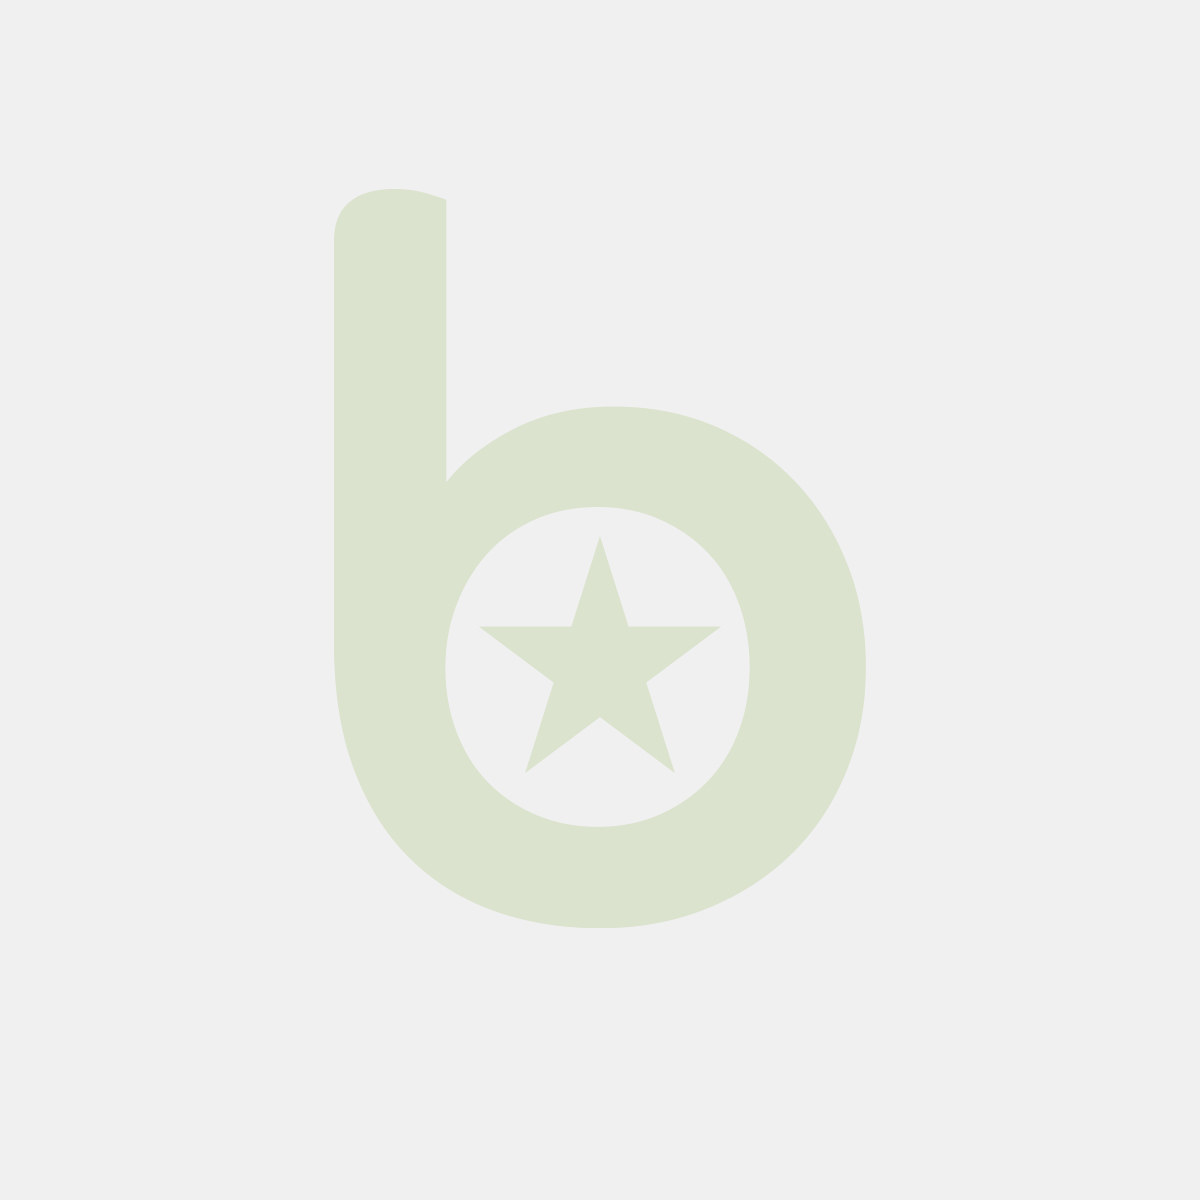 Pojemnik obiadowy do zgrzewu D-9420R, 3-dzielny, czarny żebrowany, 227x178x50, cena za op. 40 sztuk